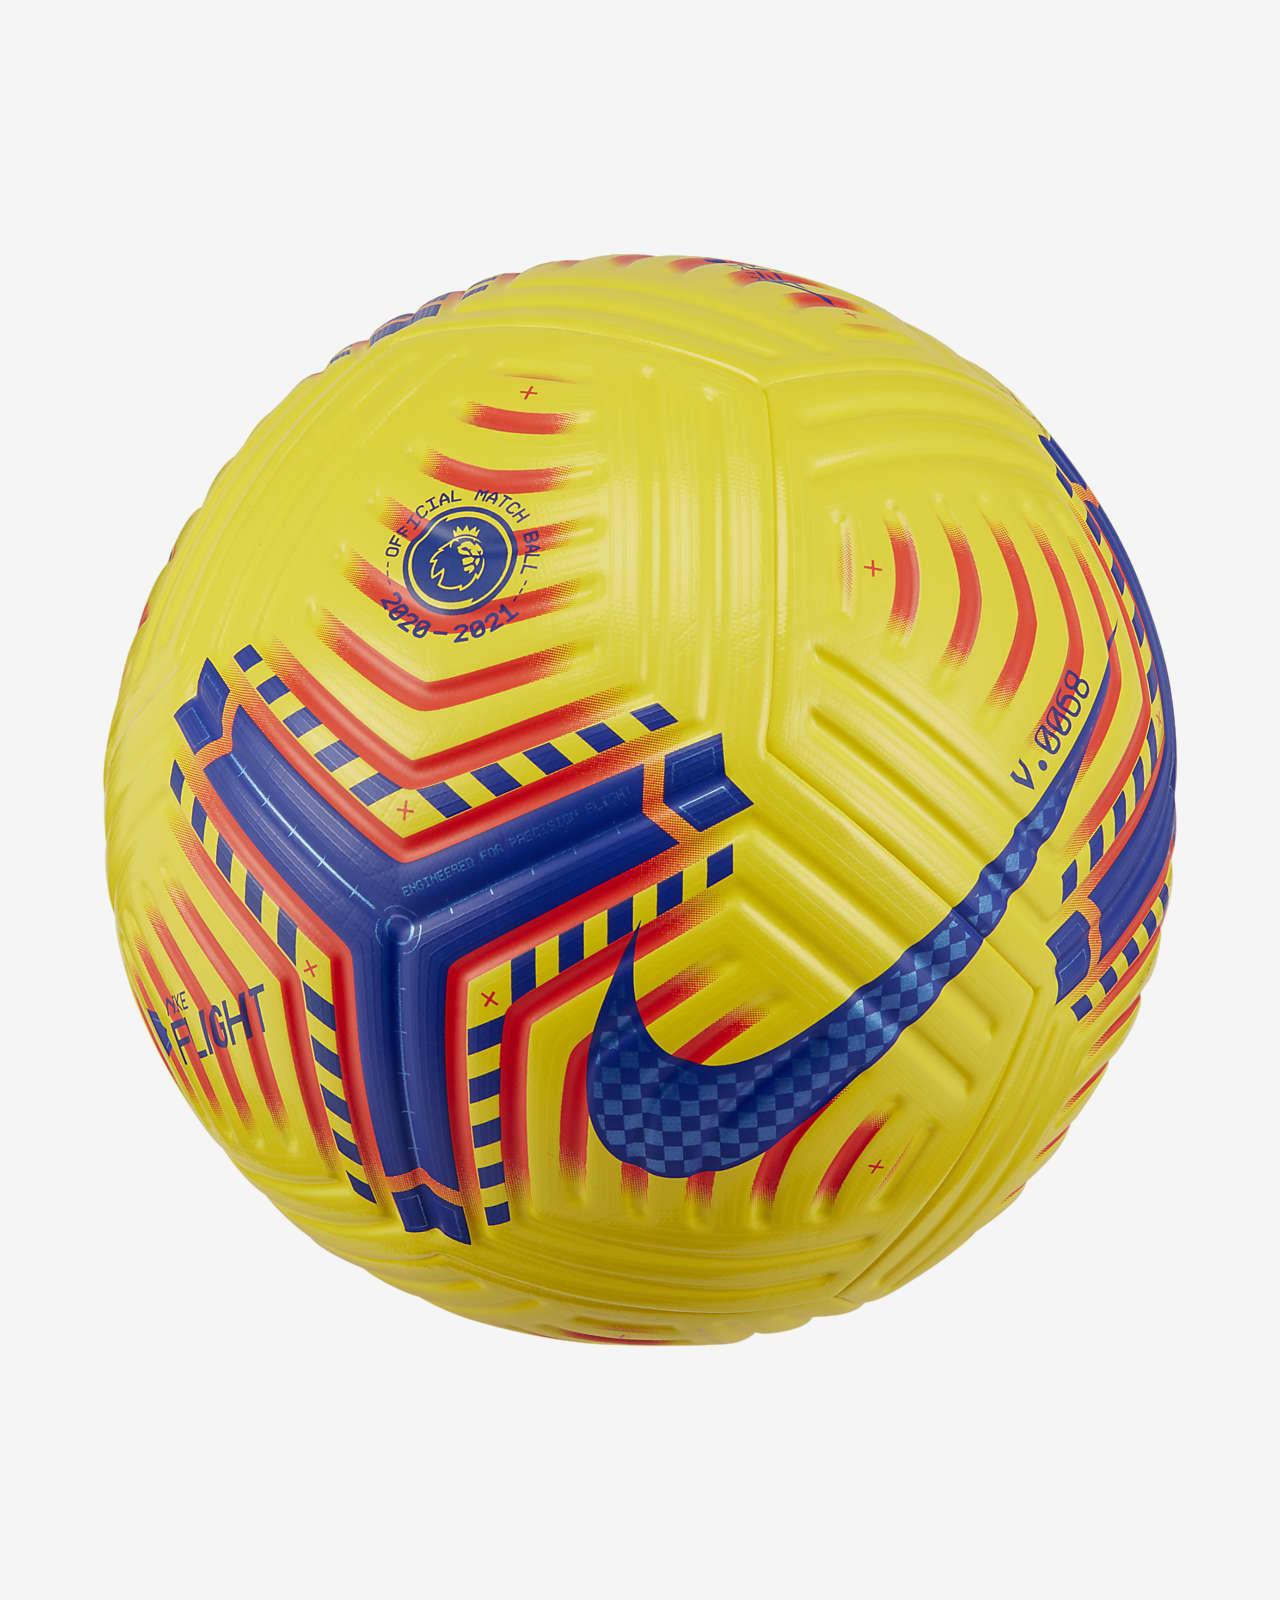 Μπάλα ποδοσφαίρου Premier League Flight